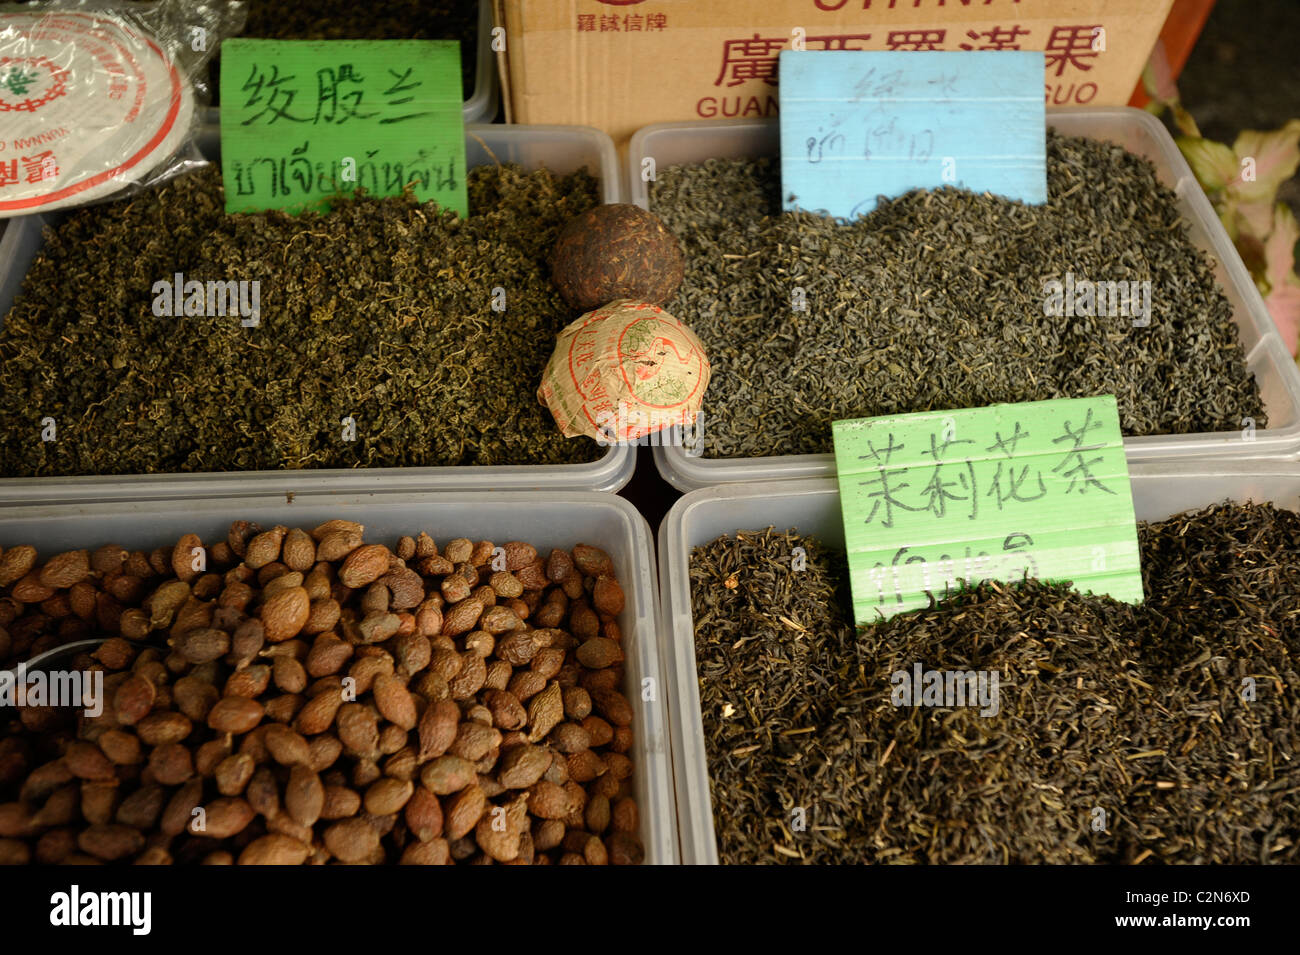 Las hierbas chinas, té y especias para venta por peso, Yaowarat Road , Chinatown, Bangkok, Tailandia Imagen De Stock